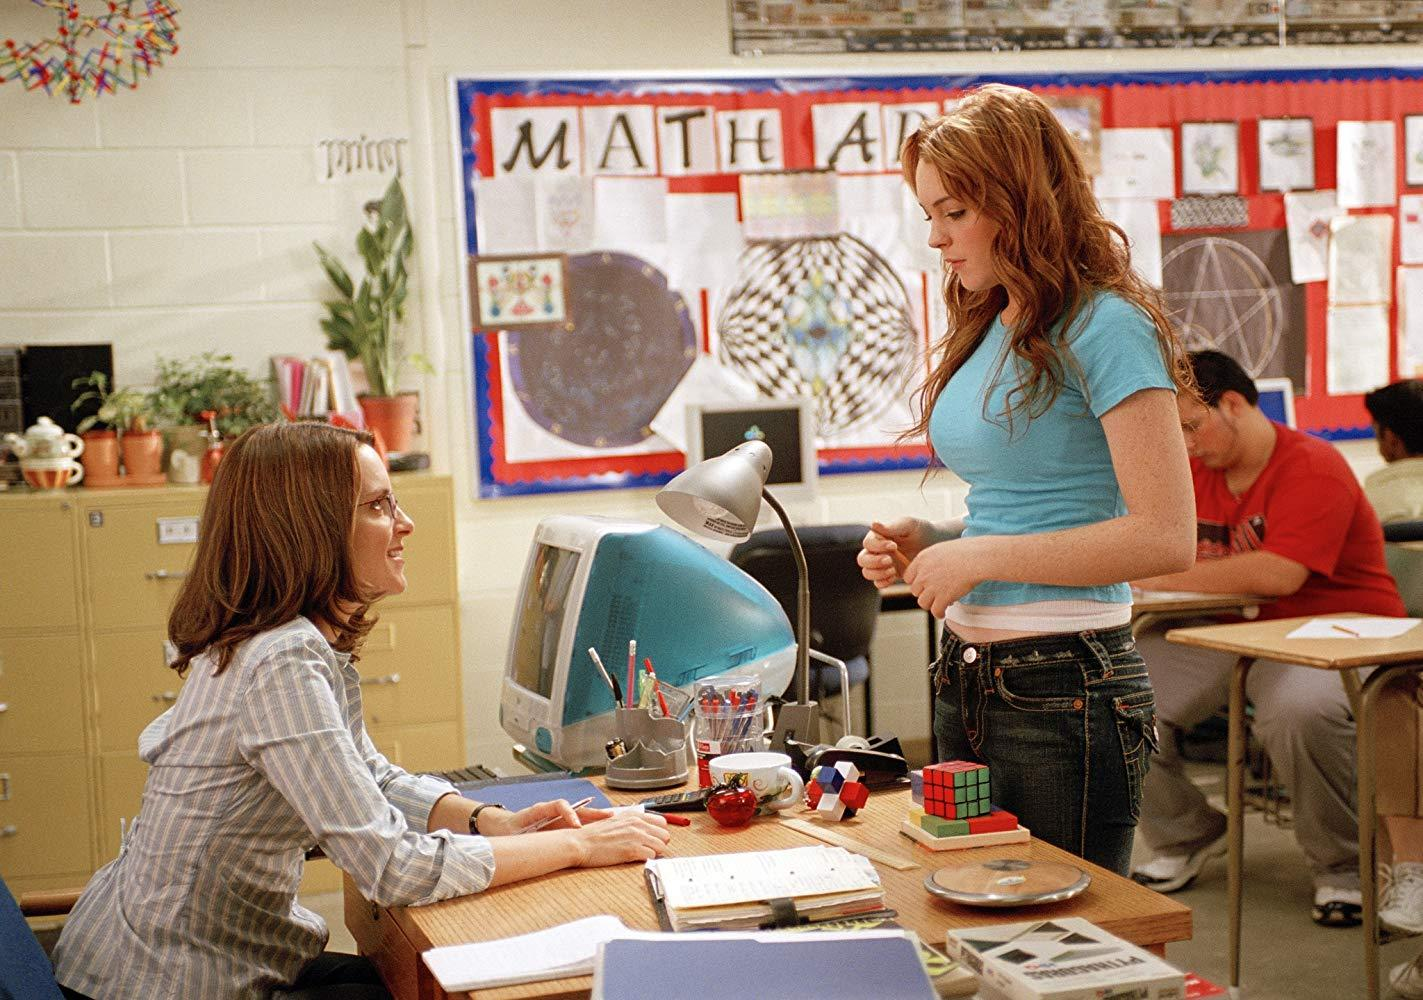 مشاهدة فيلم Mean Girls 2004 HD مترجم كامل اون لاين